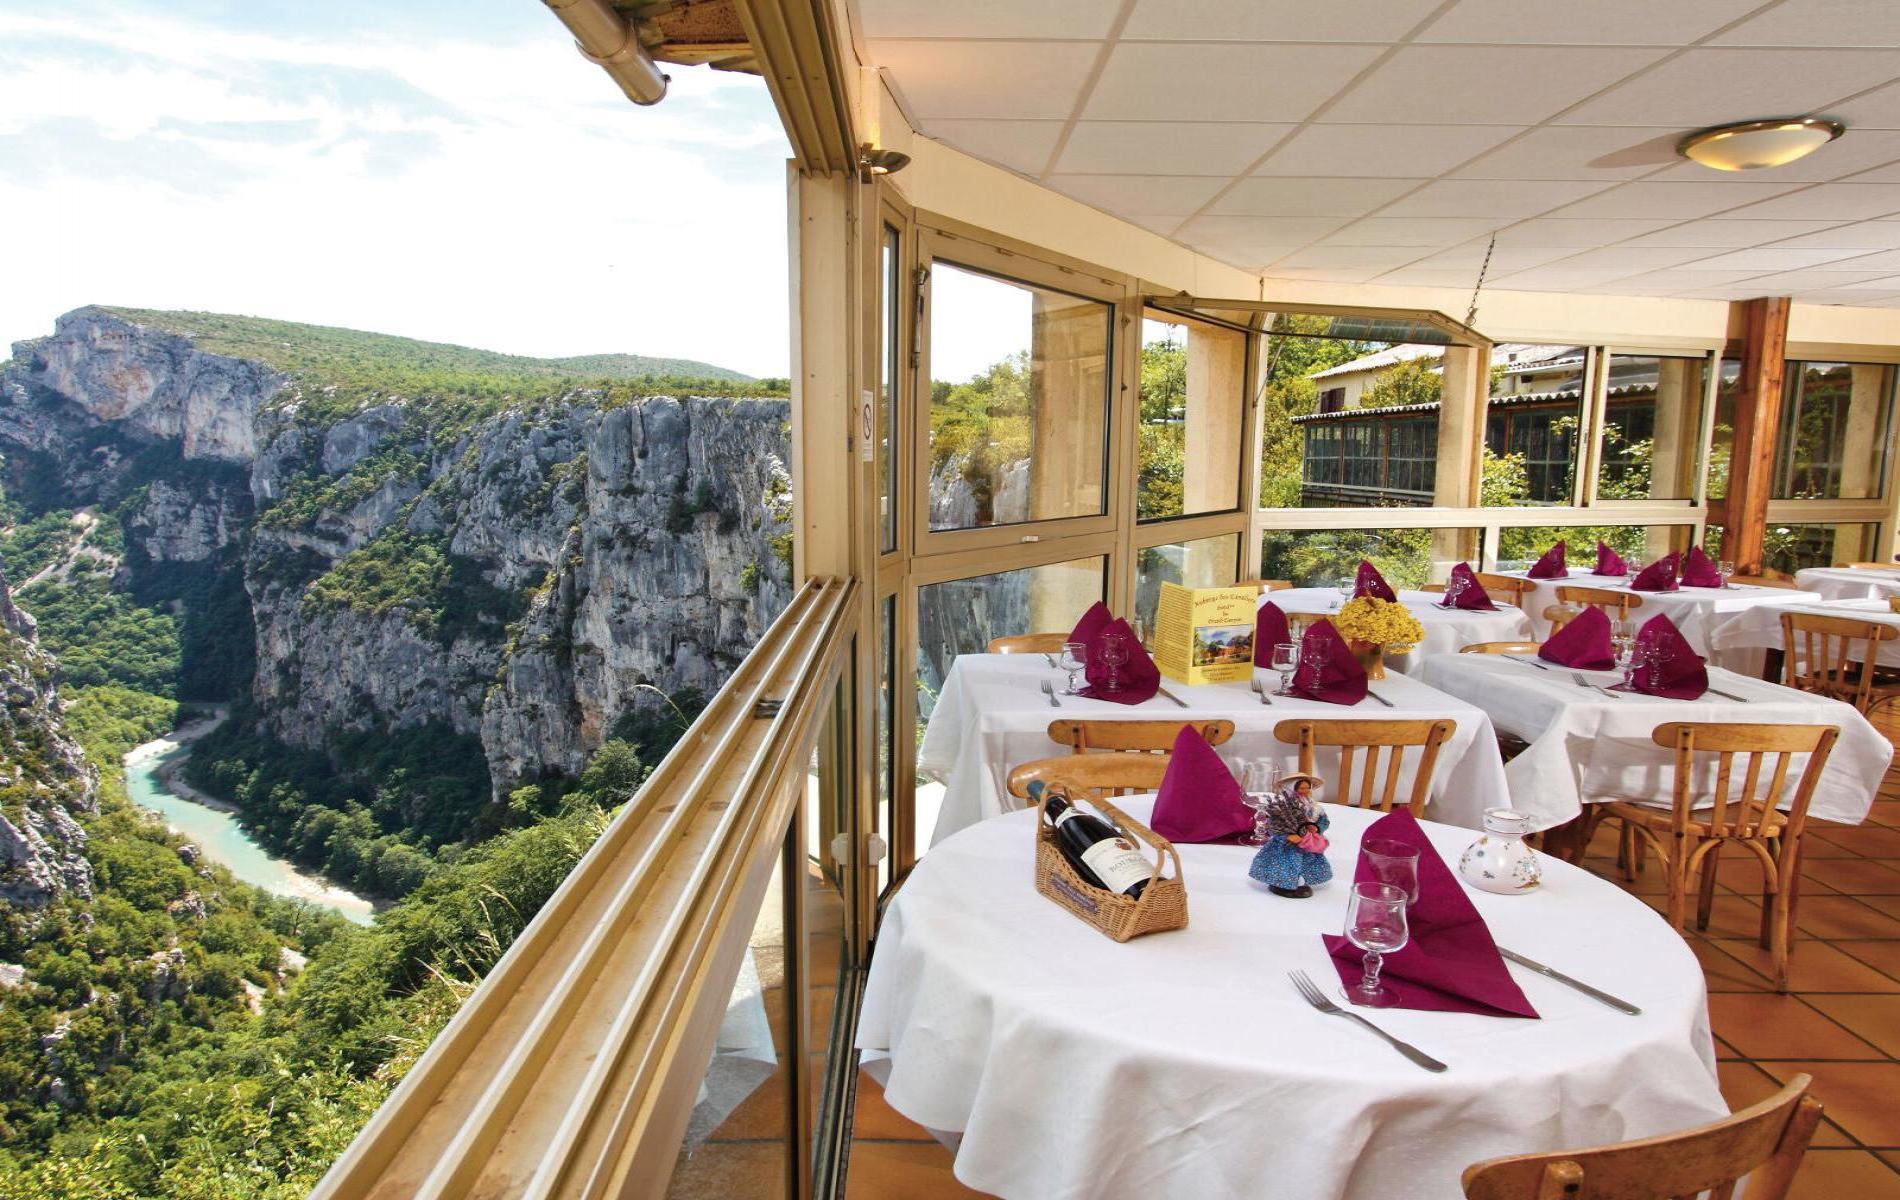 Hôtel En à Pic De 300m Surplombant Le Verdon